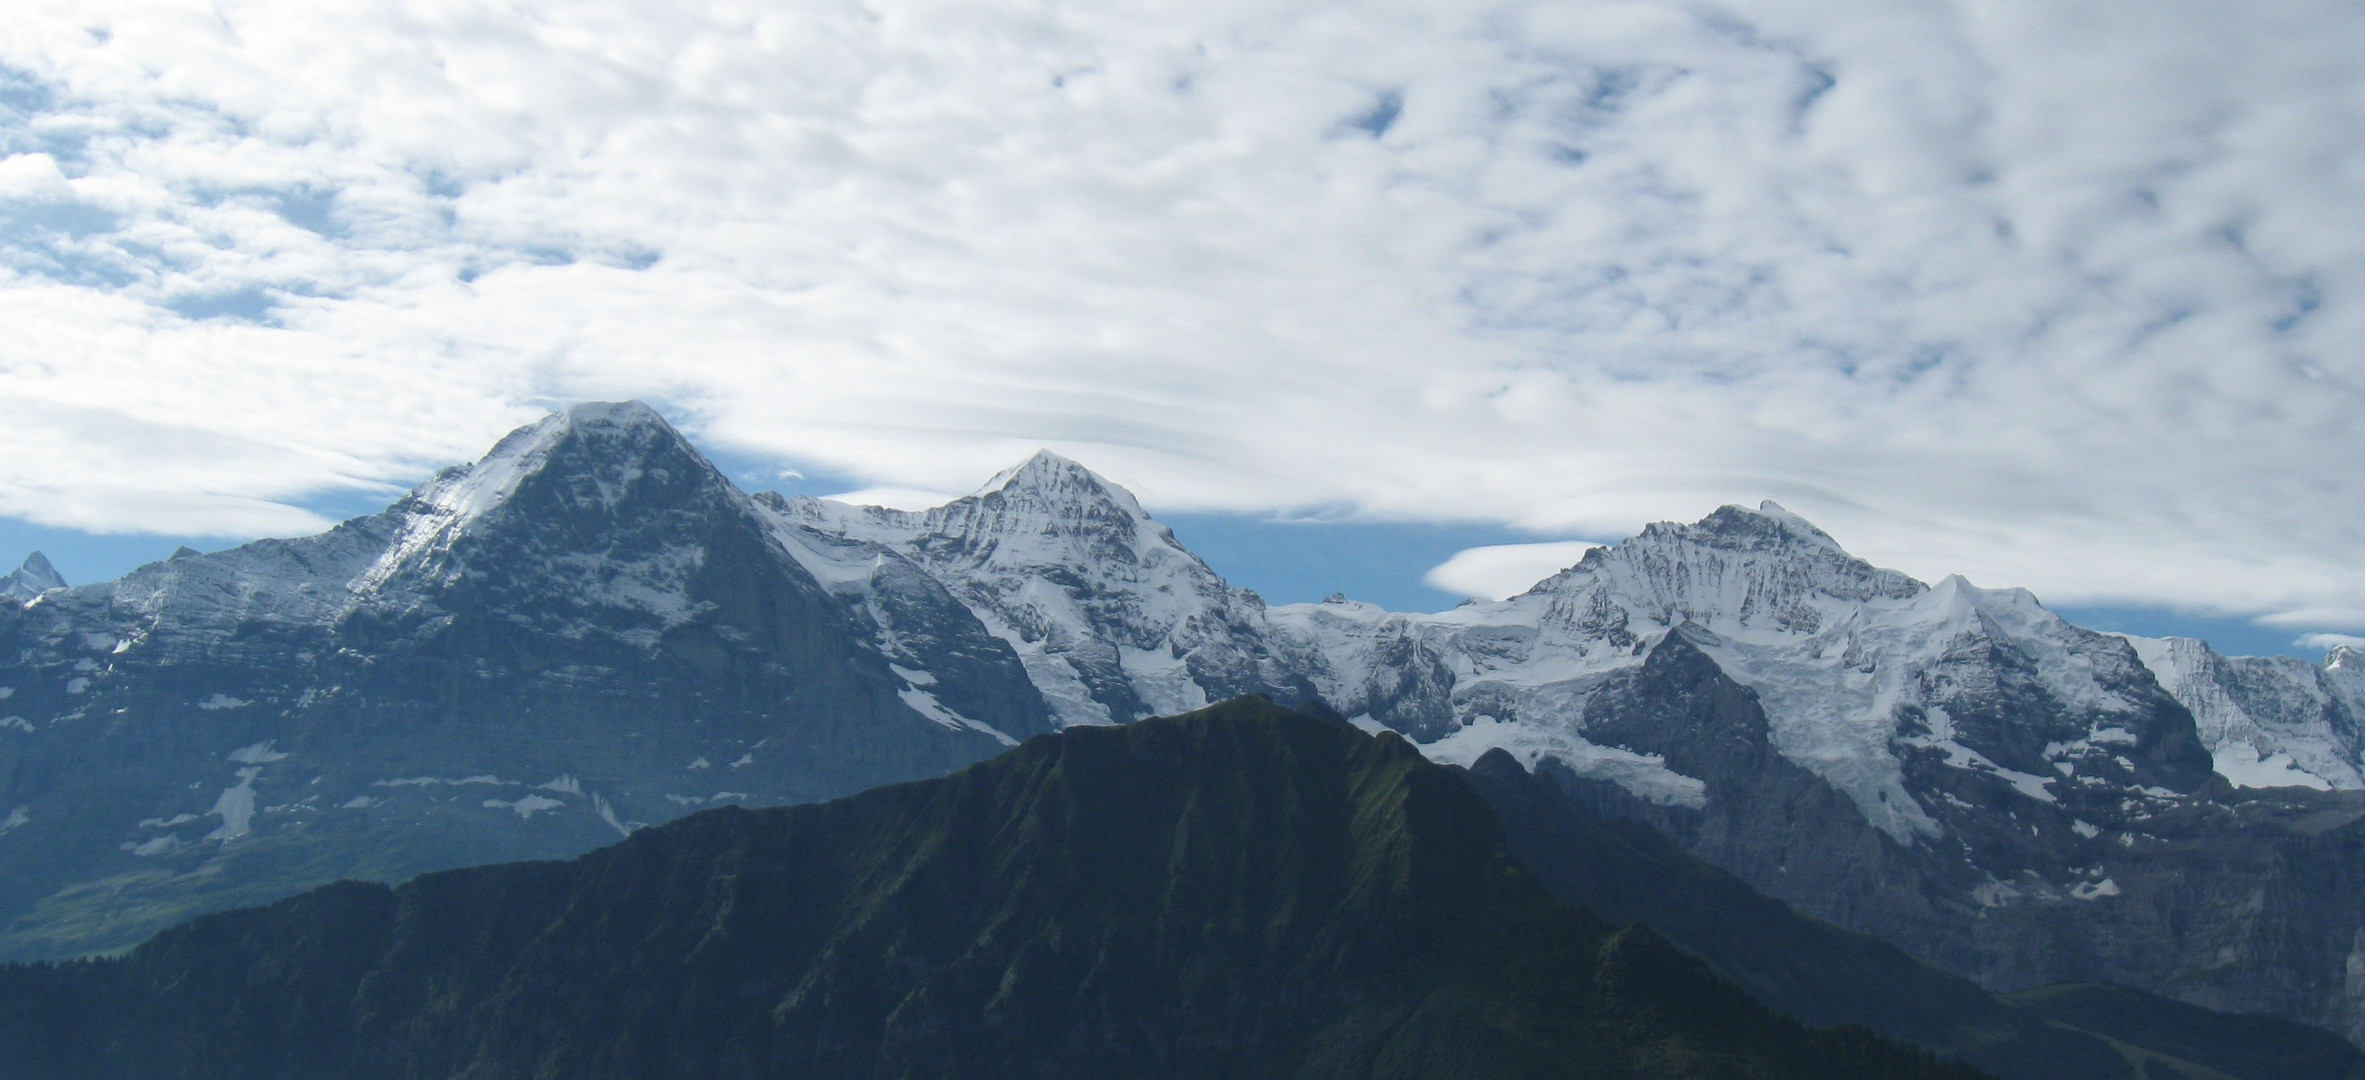 Dreigestirn Eiger,Mönch und Jungfrau